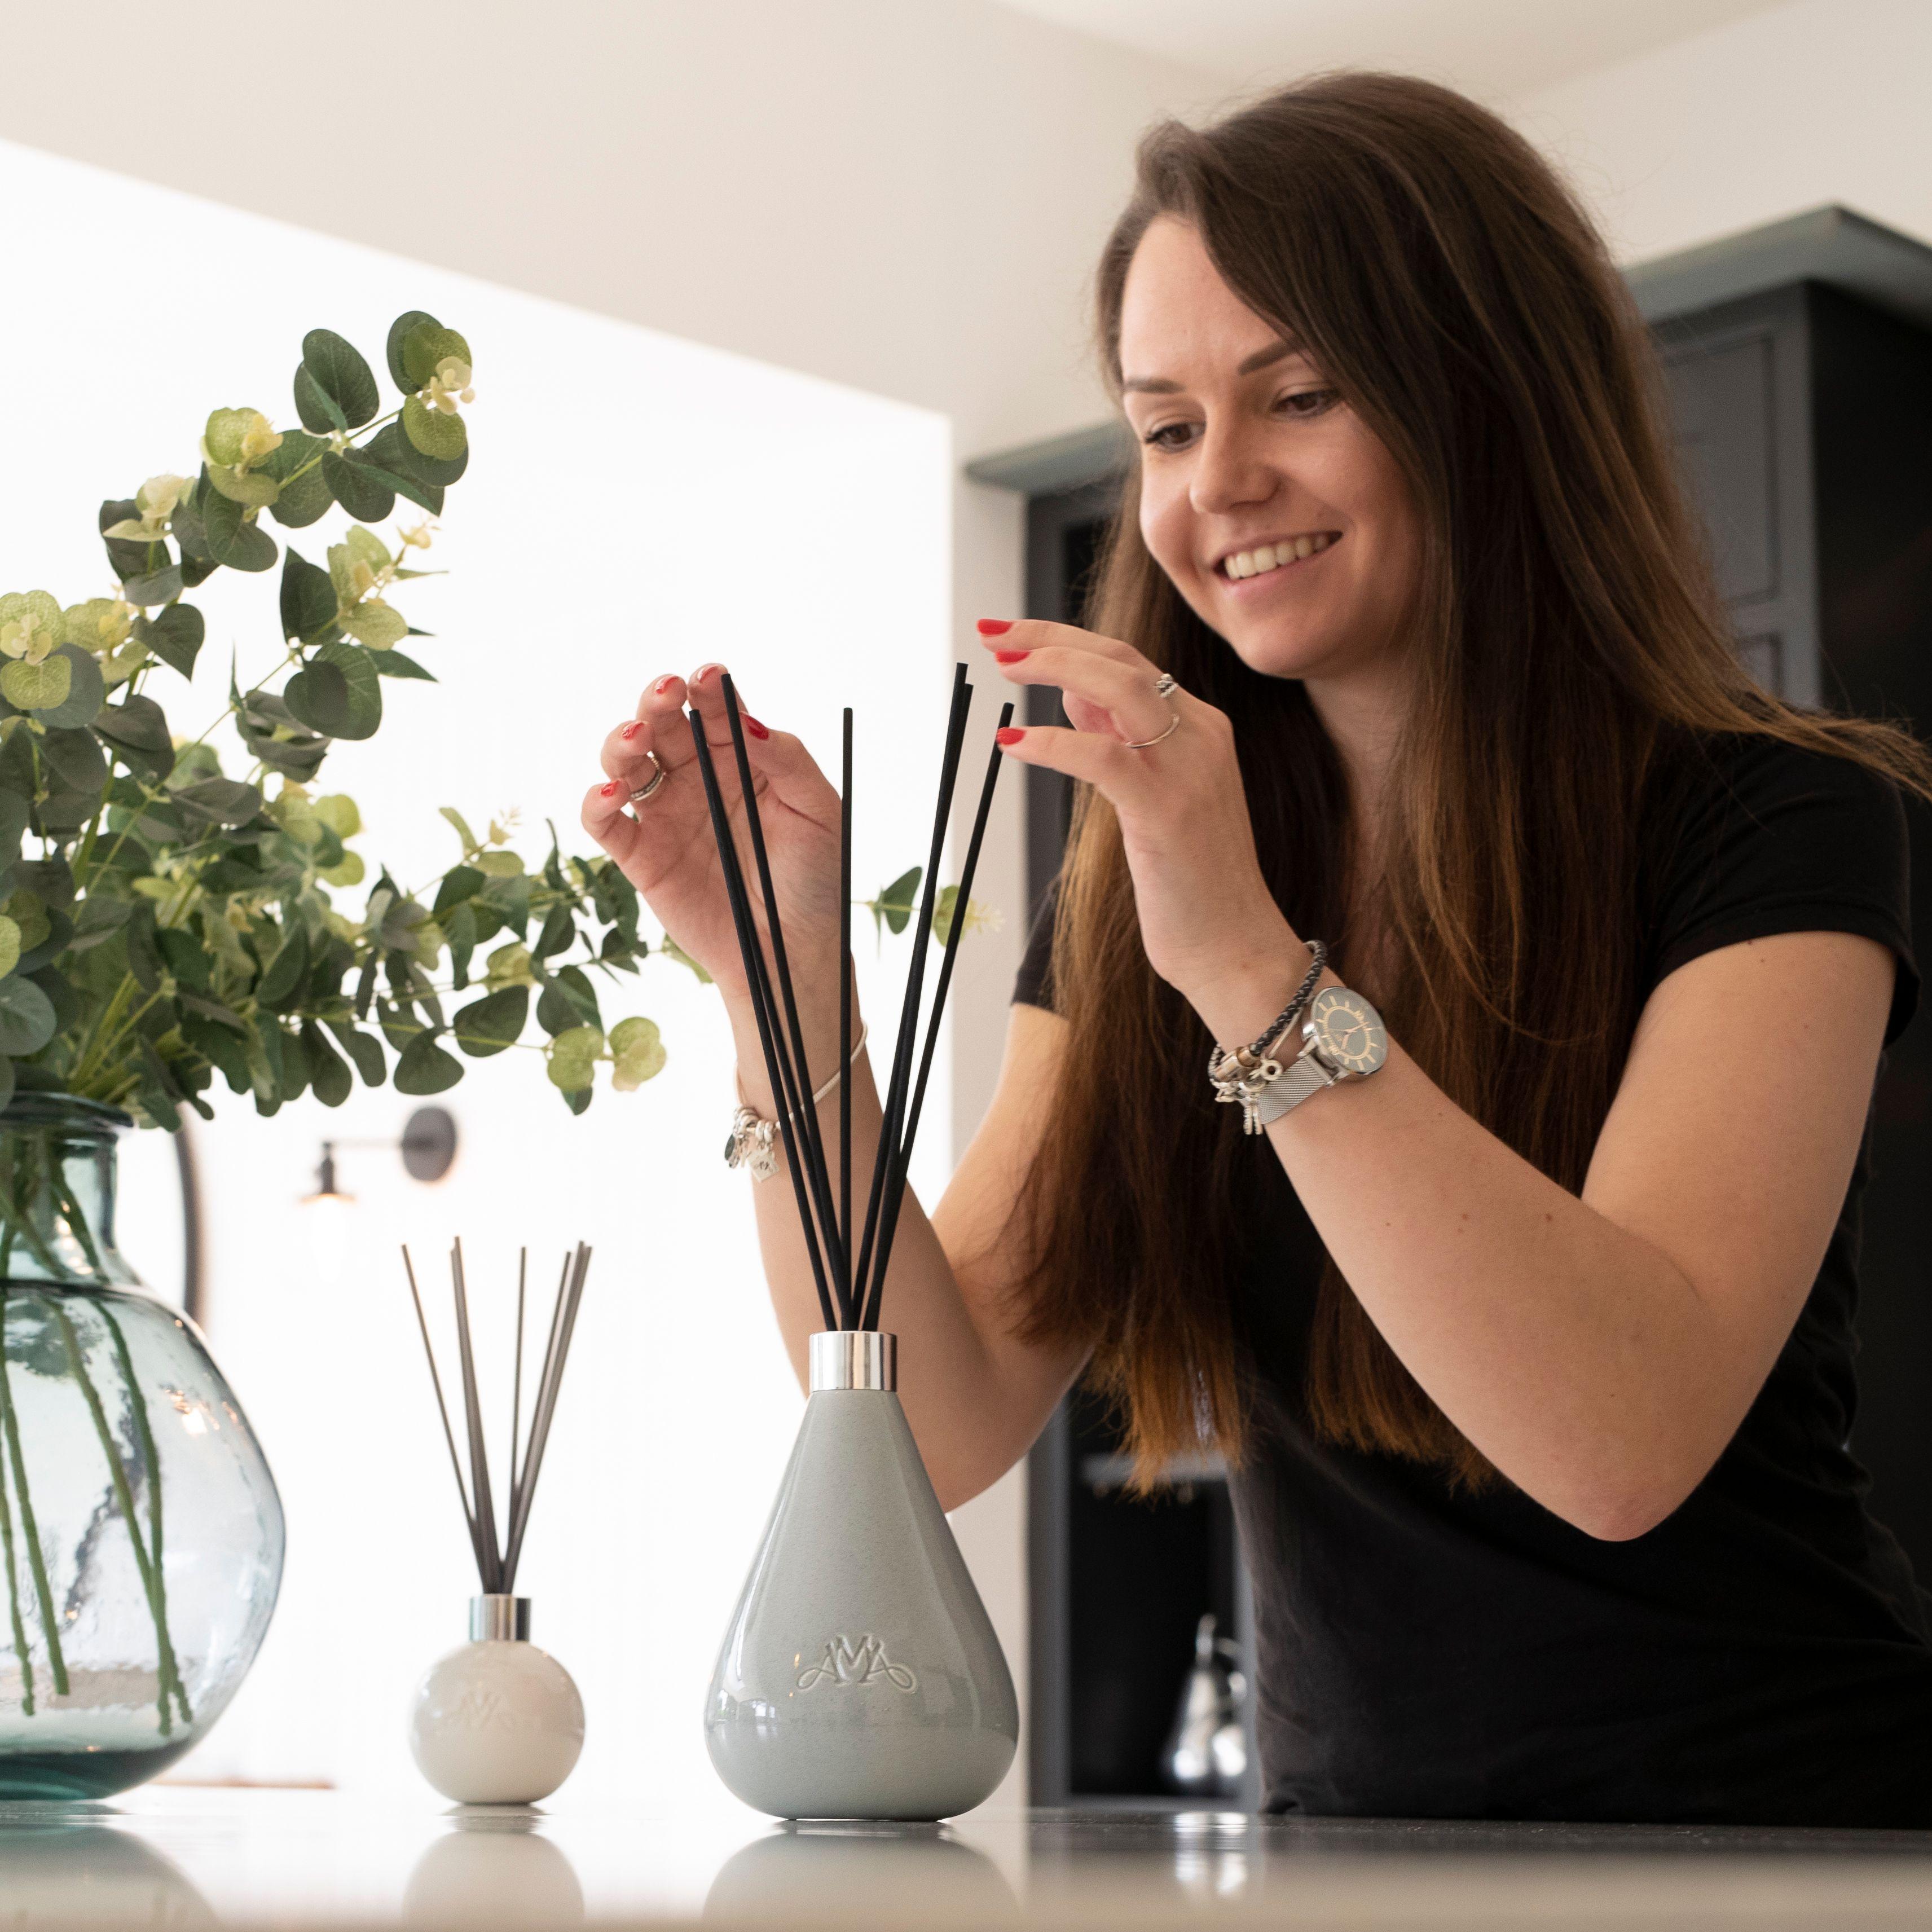 Ava-May-Aromas-founder-Hannah-Chapman